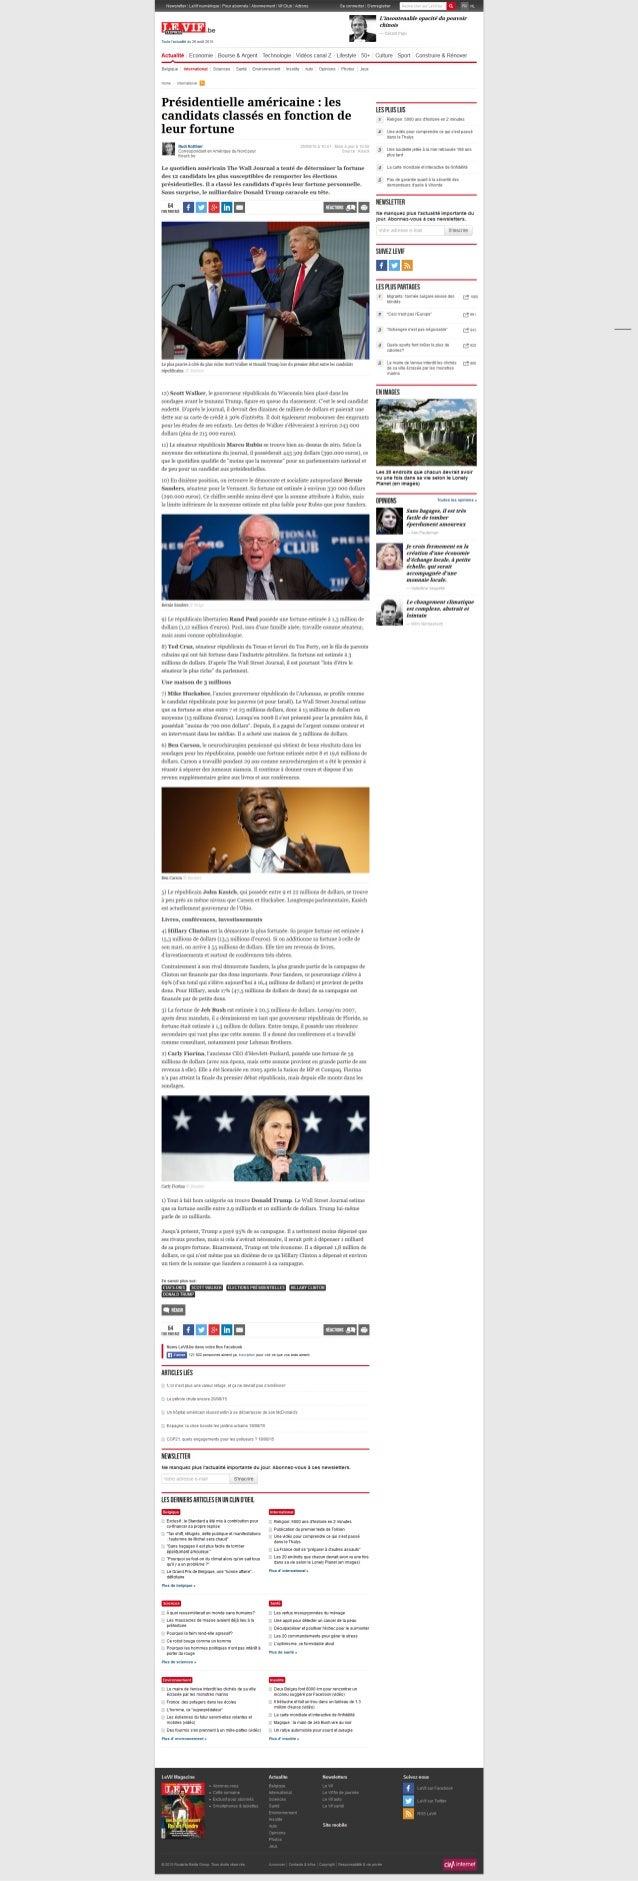 'Présidentielle américaine   les candidats classés en fonction de leur fortune